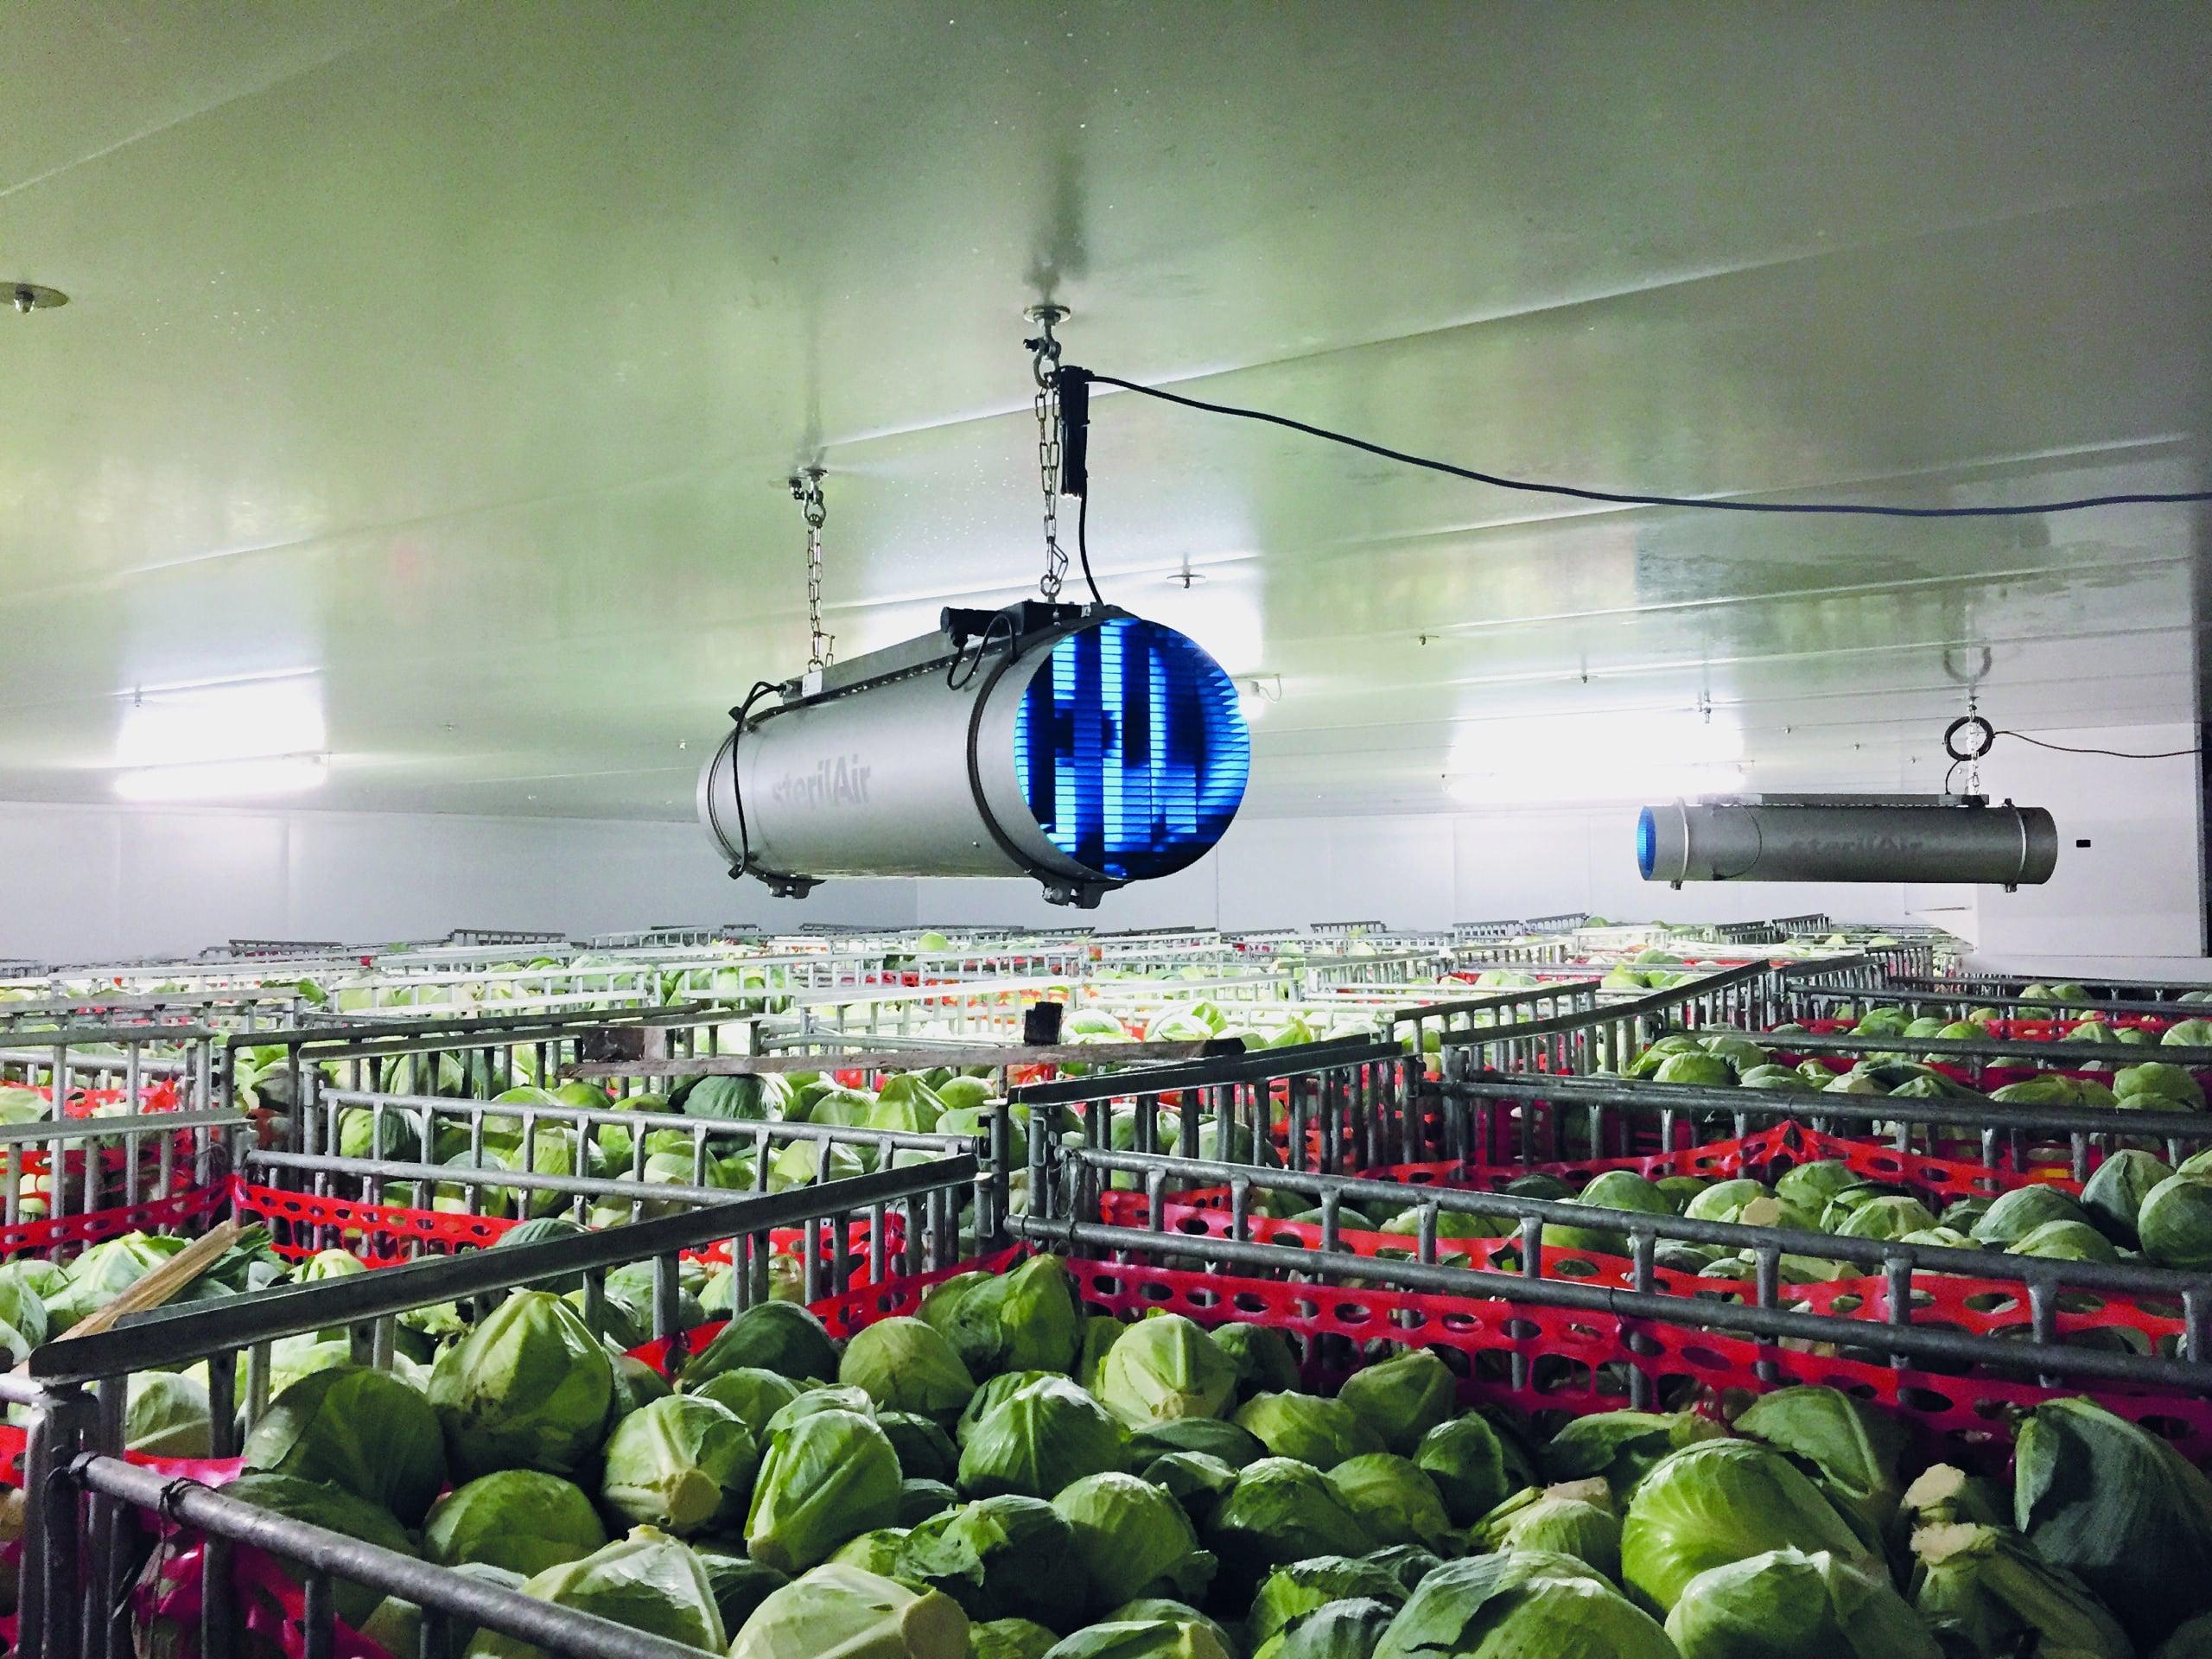 Dekontaminering af Luft i lagerrum med grøntsager - luftdesinfektion med UV-c